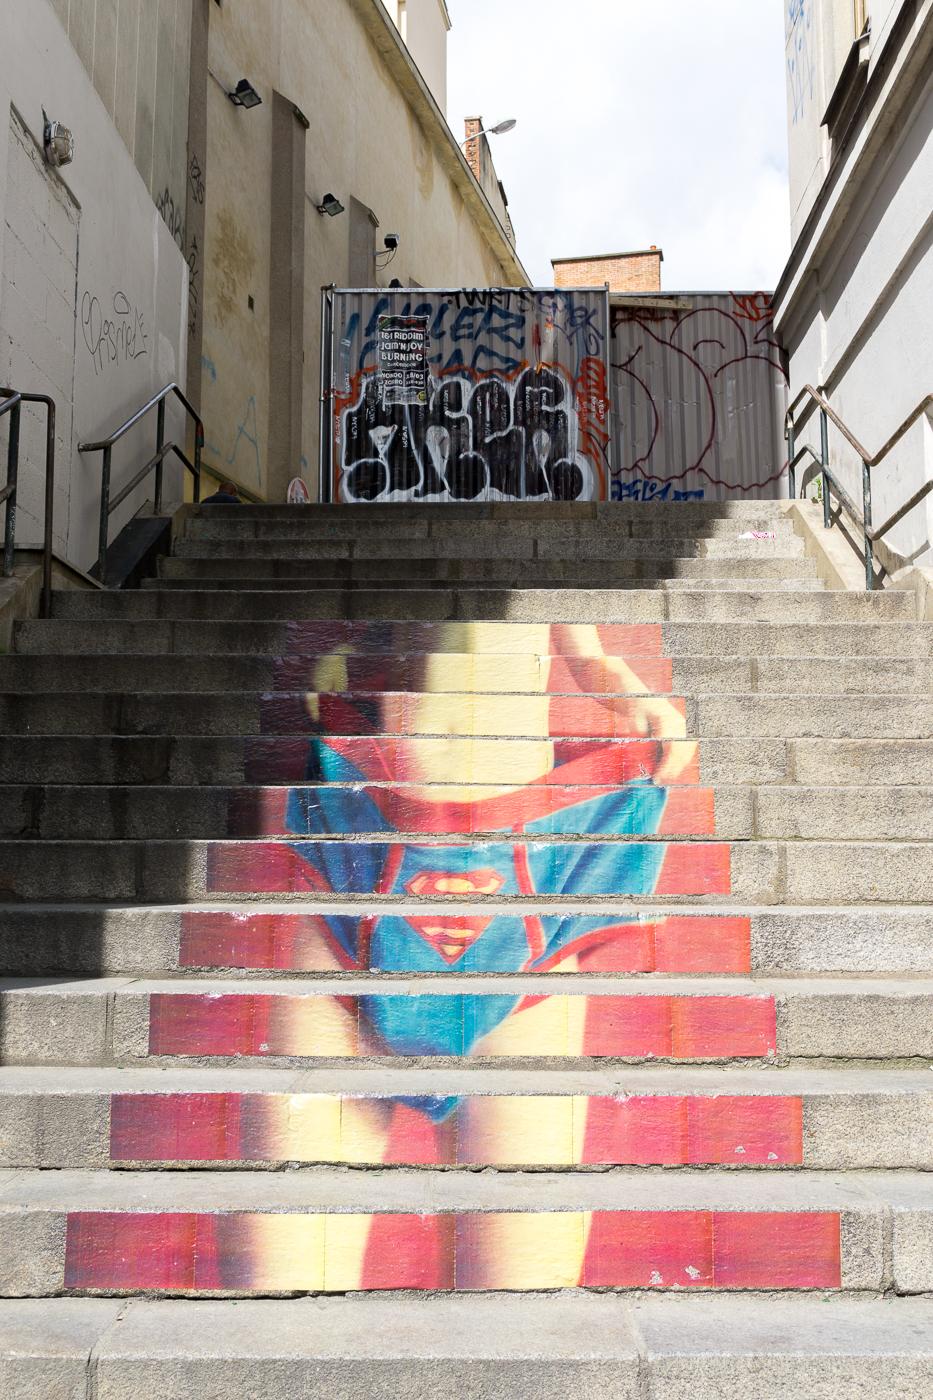 Superman dans l'escalier à Rennes - Street art